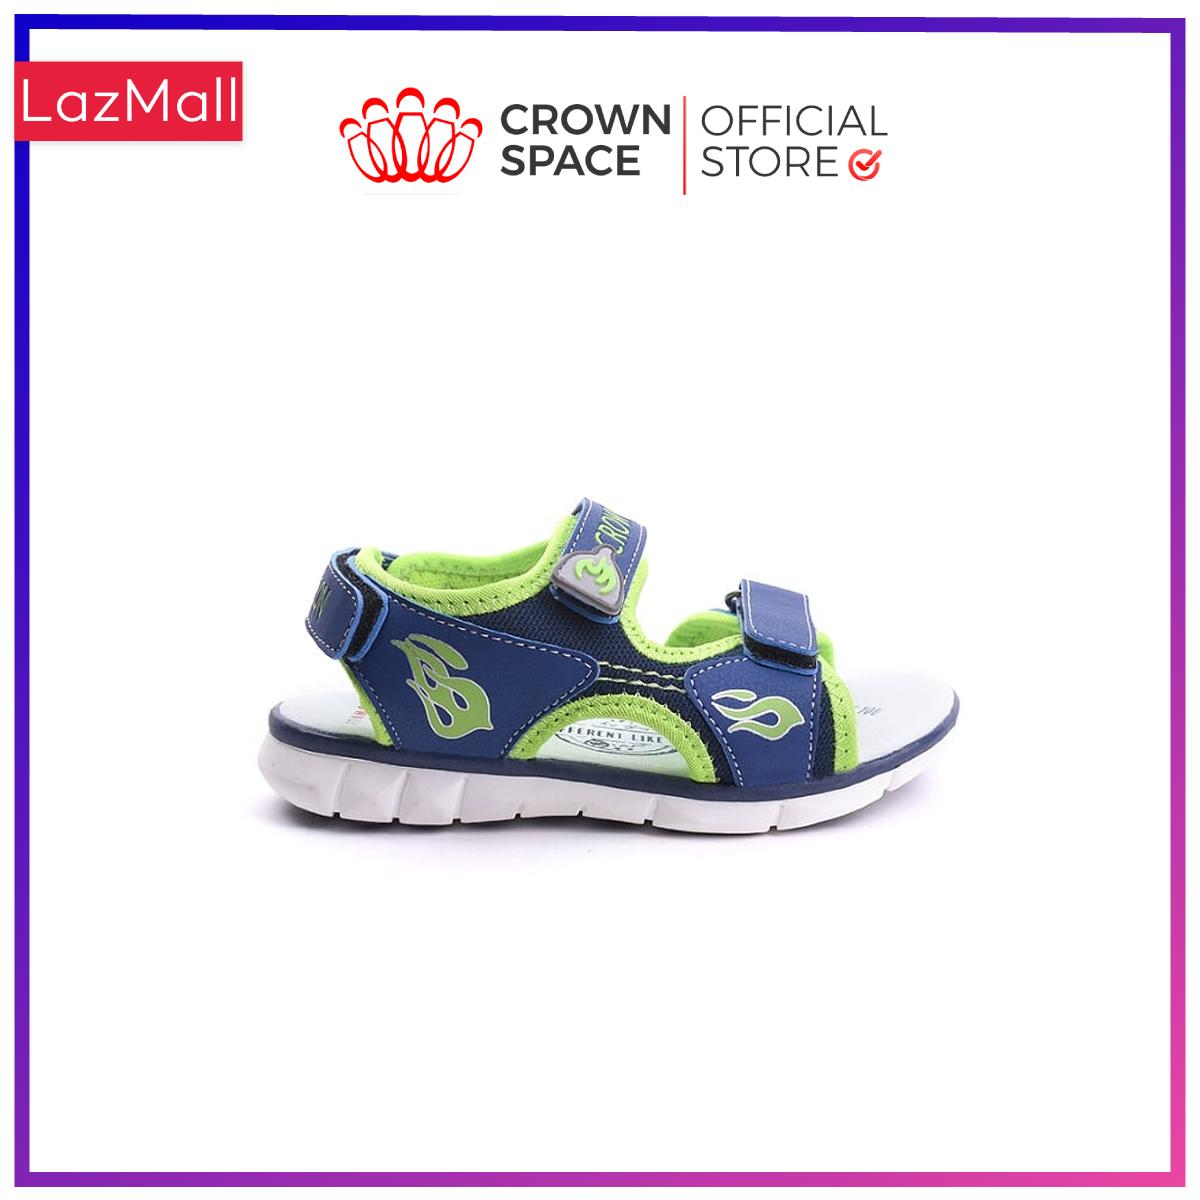 Dép Quai Hậu Bé Trai Đi Học Chính Hãng Crown Space UK Sandals Trẻ em Nam Cao Cấp CRUK535 Da Nhẹ Êm Size 26-35/2-14 Tuổi